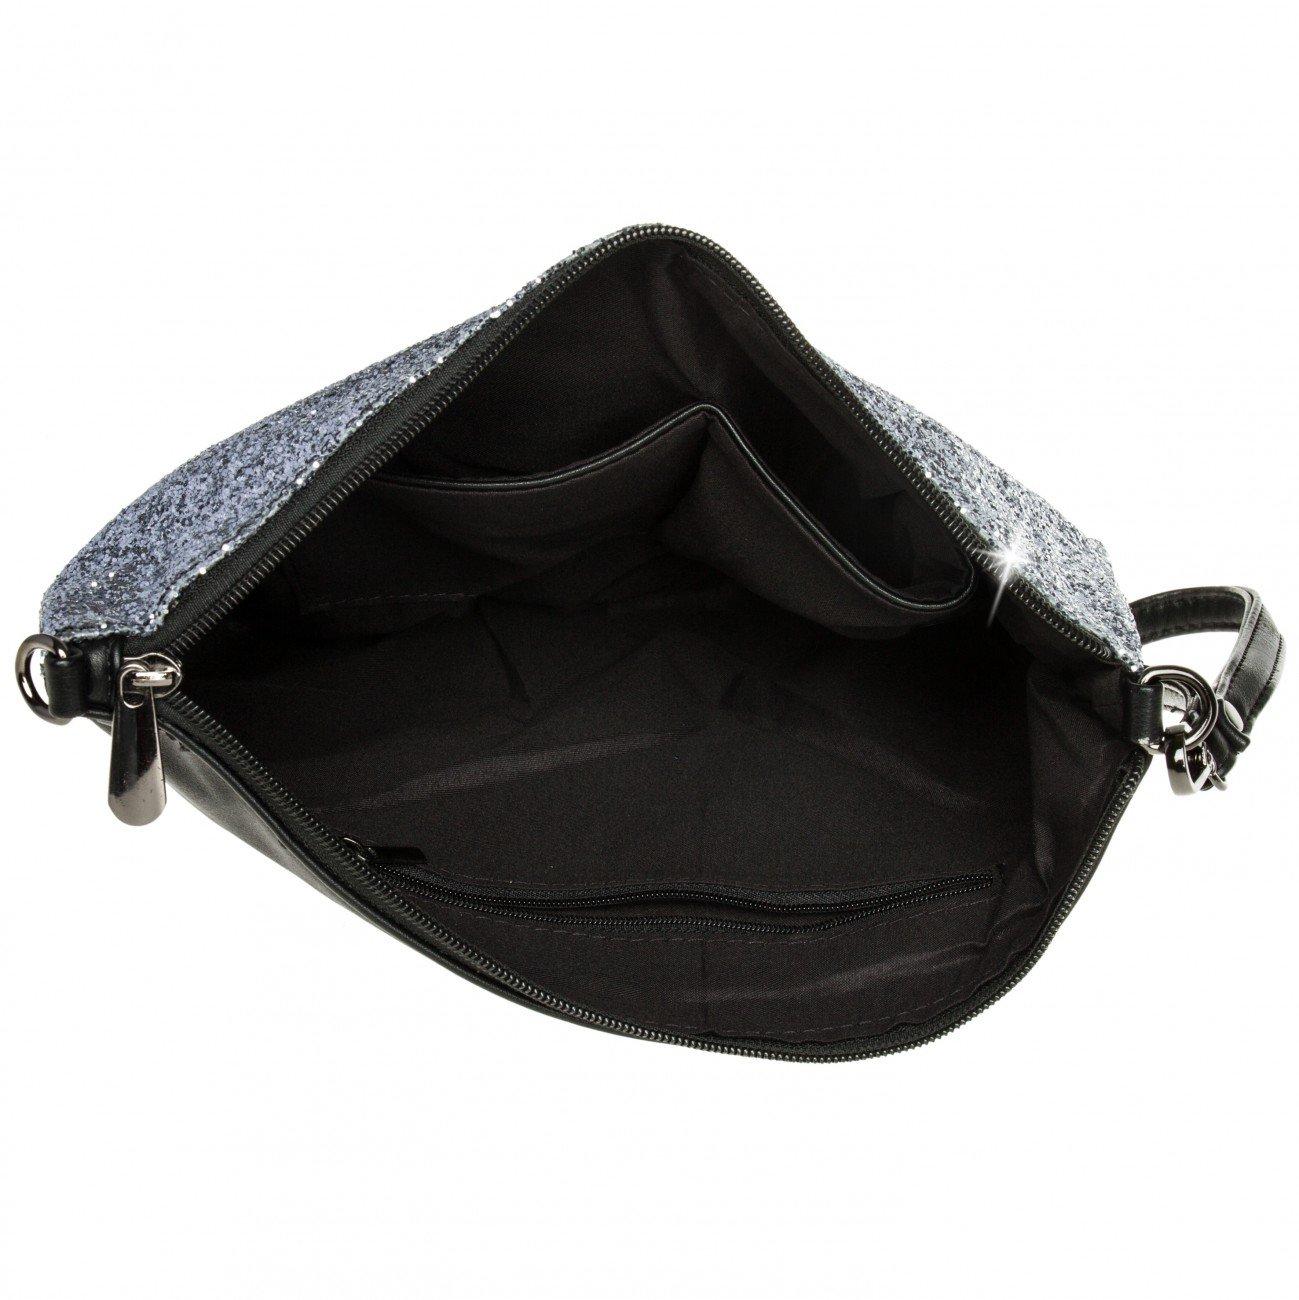 71eAZGiY8ZL - Caspar TA341 Bolso de Mano Fiesta XL para Mujer Clutch Brillante con Lentejuelas